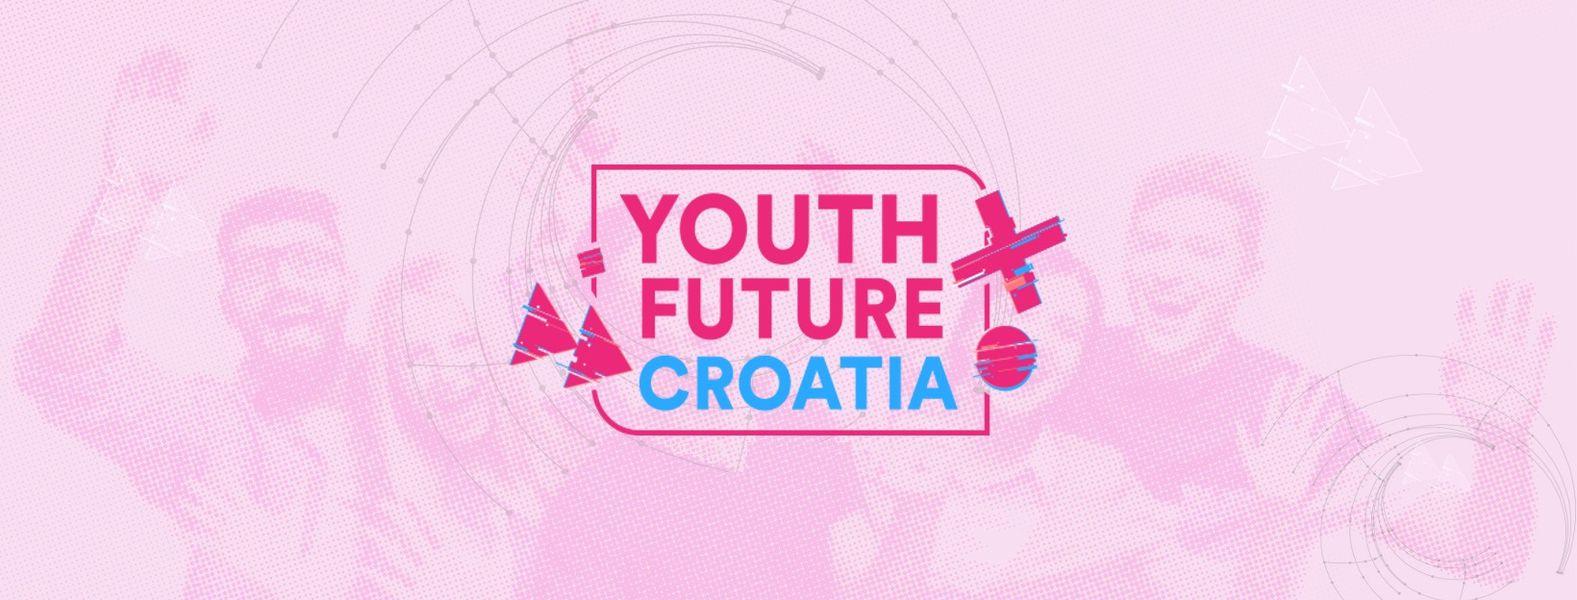 Youth Future Croatia - Prijavi se na konferenciju za mlade!